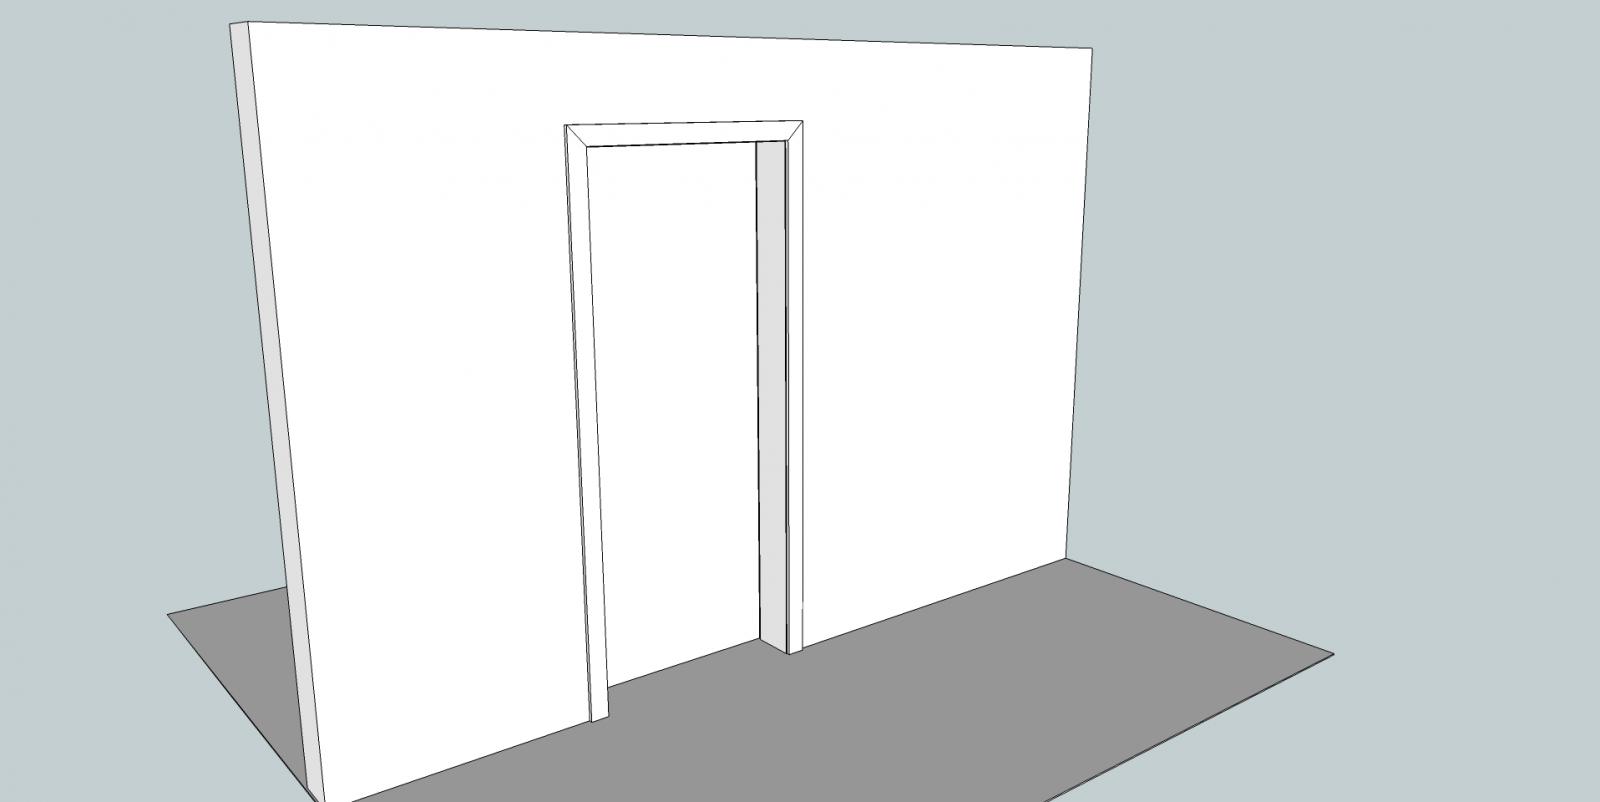 porte coulissante en applique probl me de dimensions. Black Bedroom Furniture Sets. Home Design Ideas